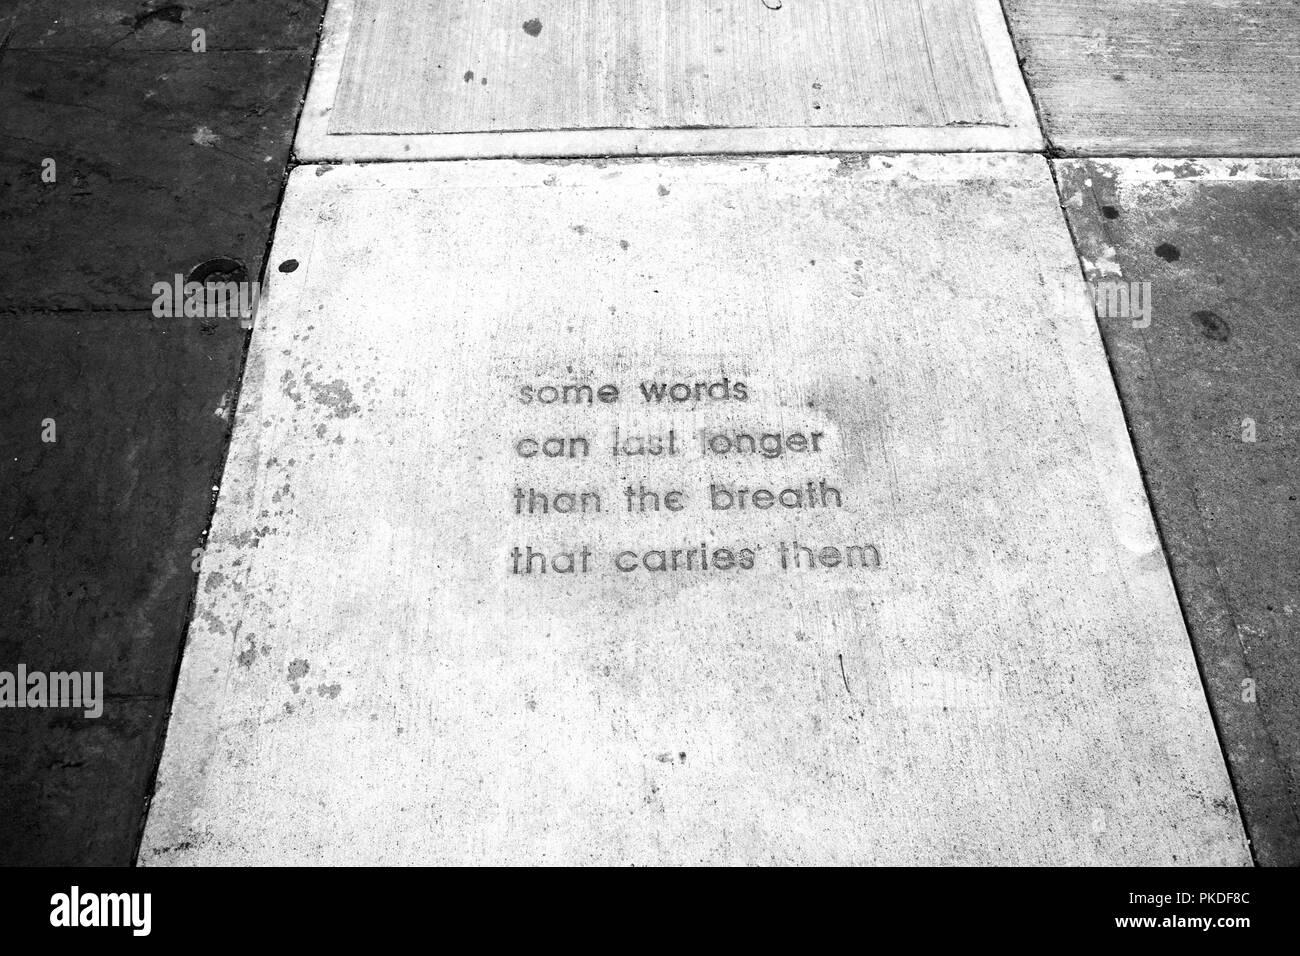 Nouveaux blocs de béton à Appleton Wisconsin ont paroles inspirantes incisée dans le trottoir Photo Stock